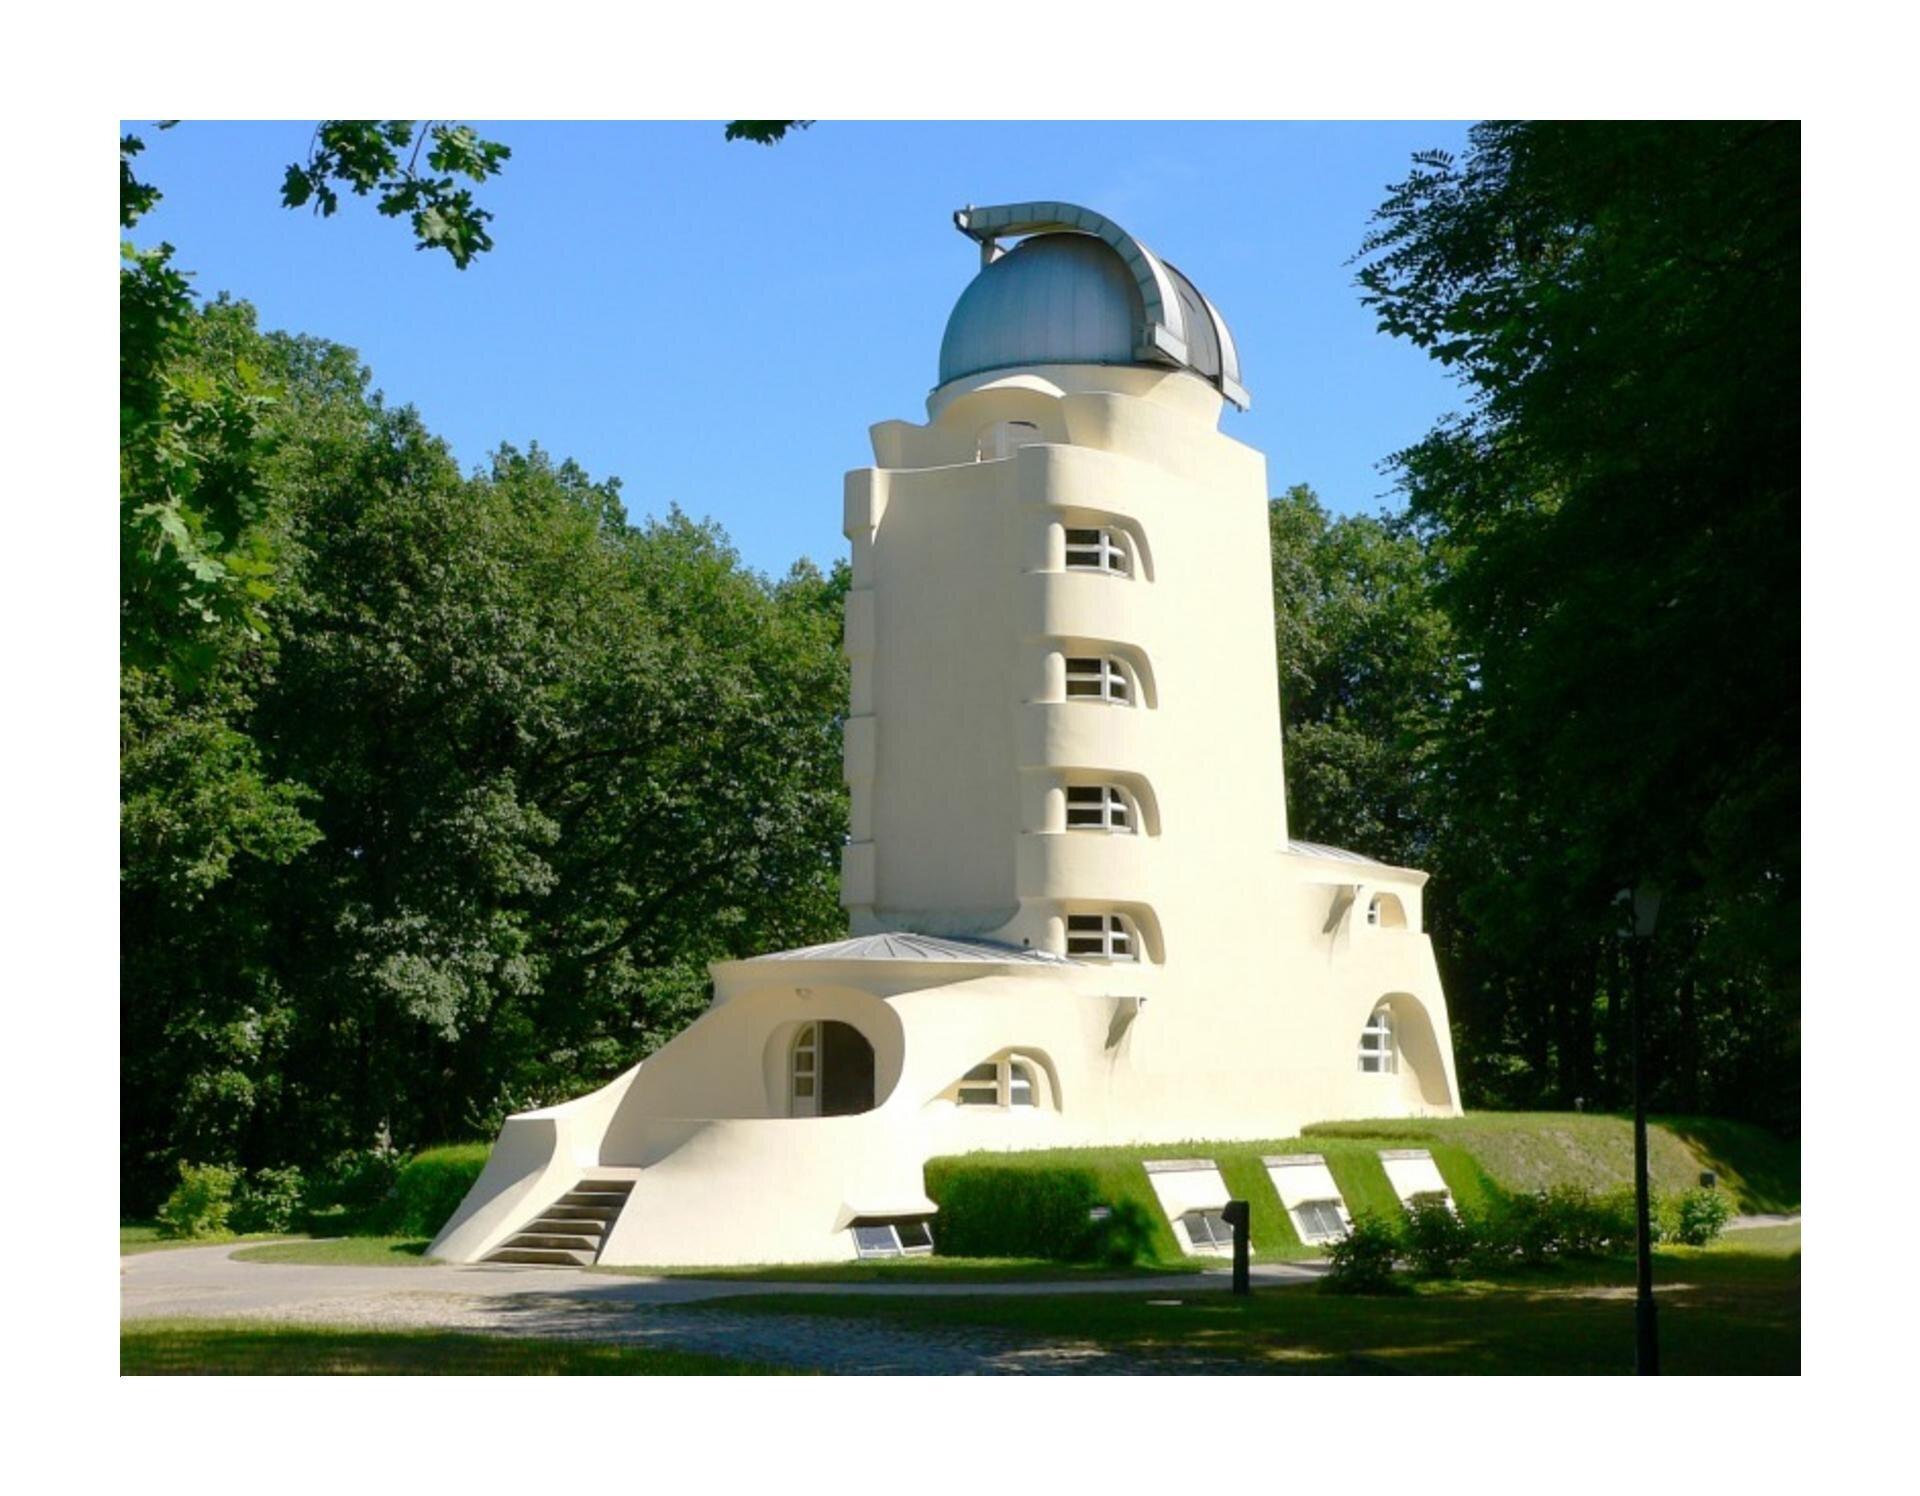 Wzadaniu zostało wykorzystane zdjęcie przedstawiajace wieżę Einsteina wPoczdamie autorstwa Ericha Mendelsohna.